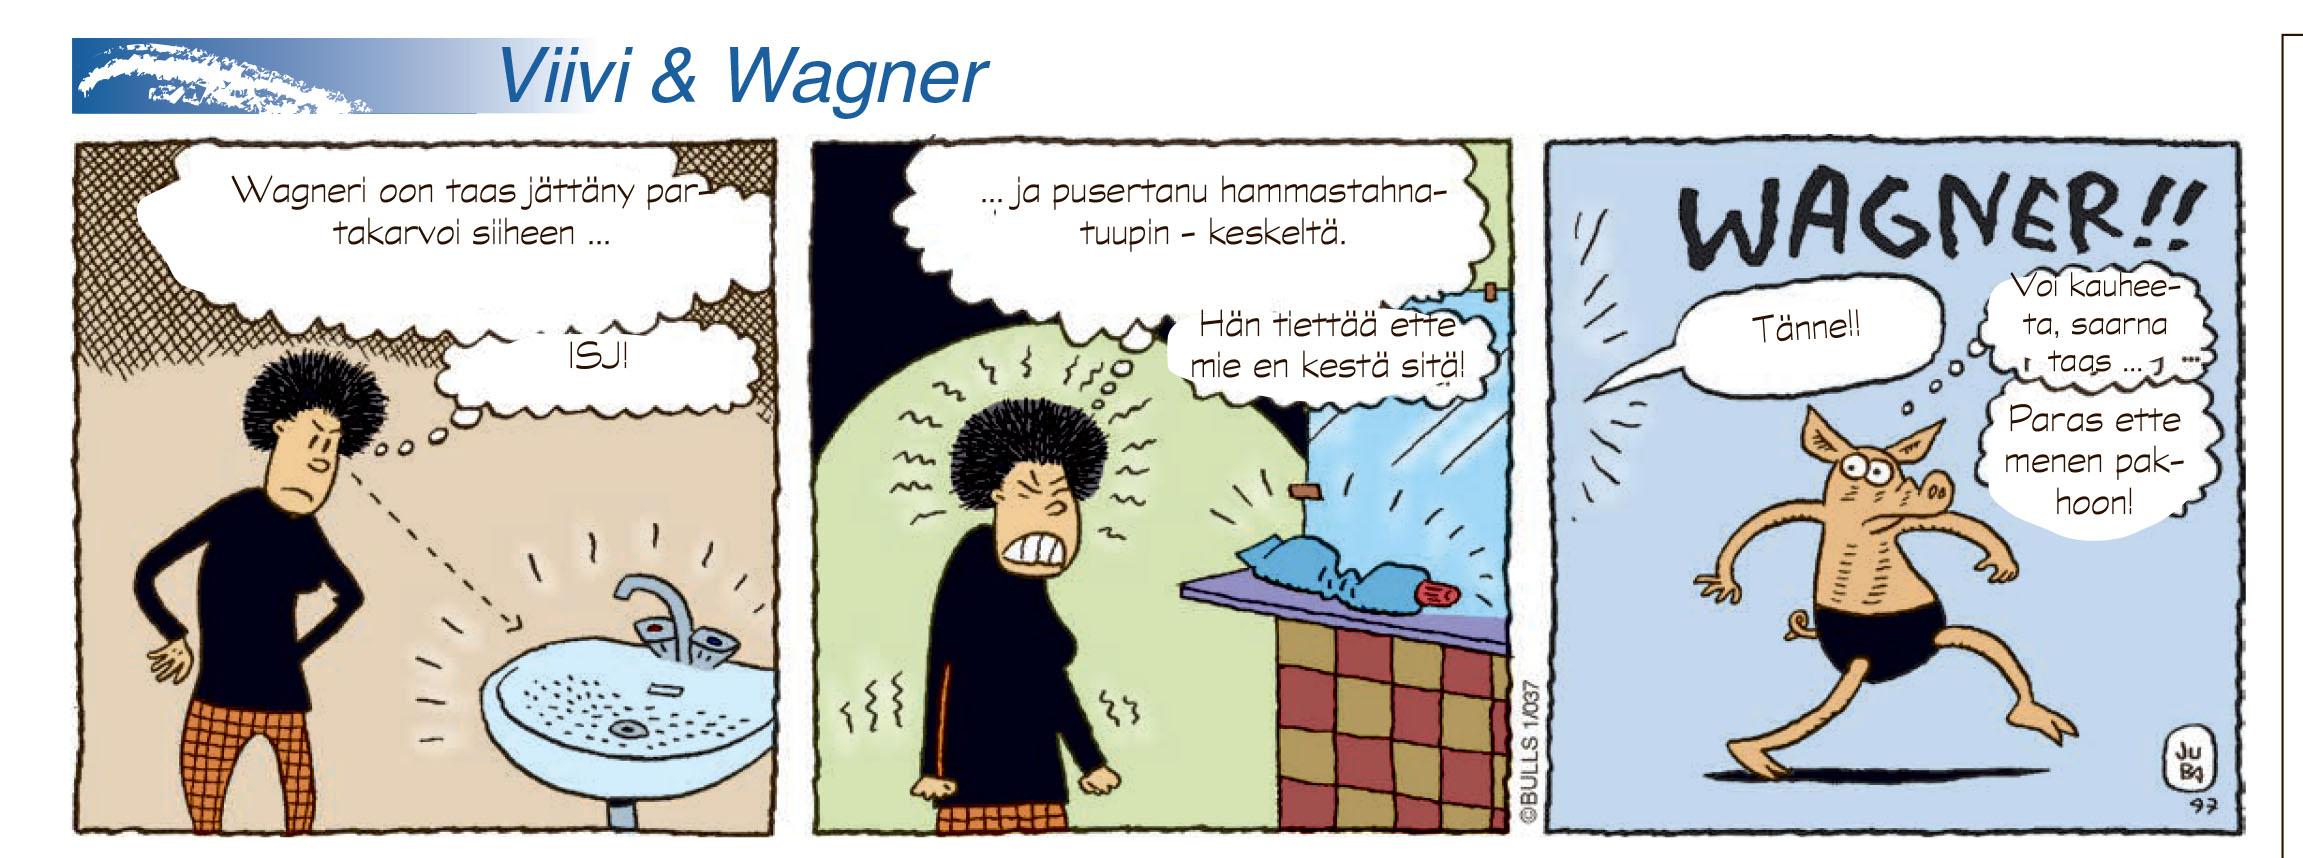 Viivi & Wagner (nr 5 -2015)